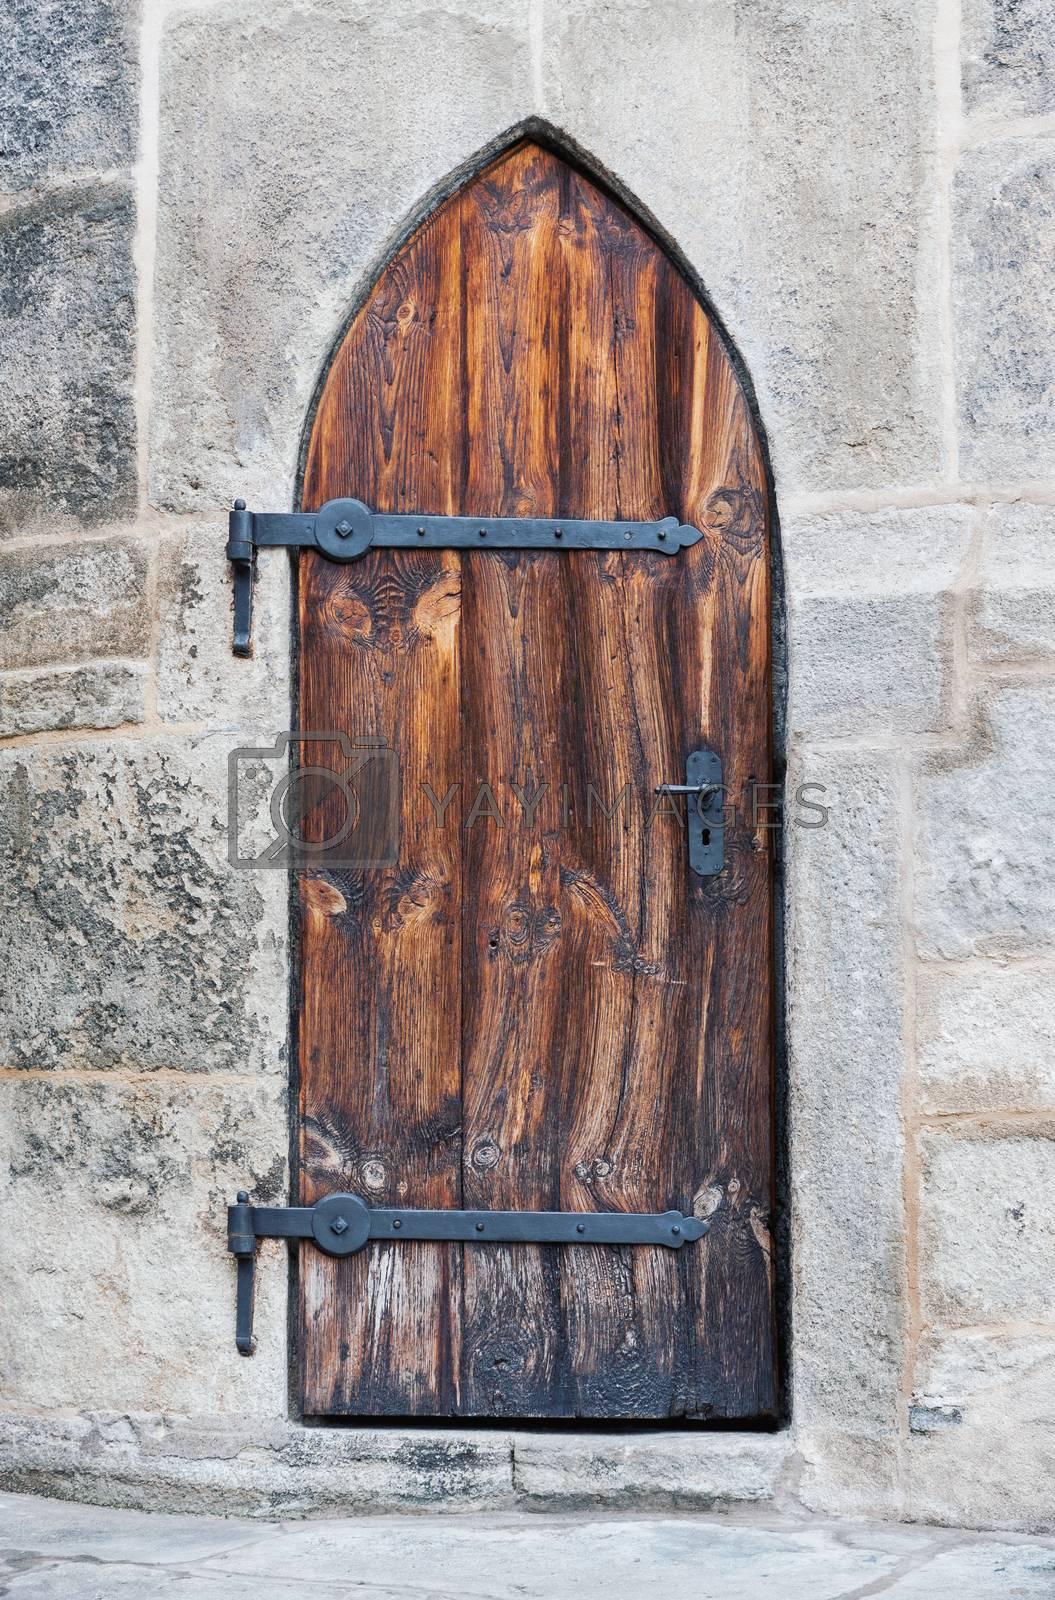 Ancient wooden medieval castle doors